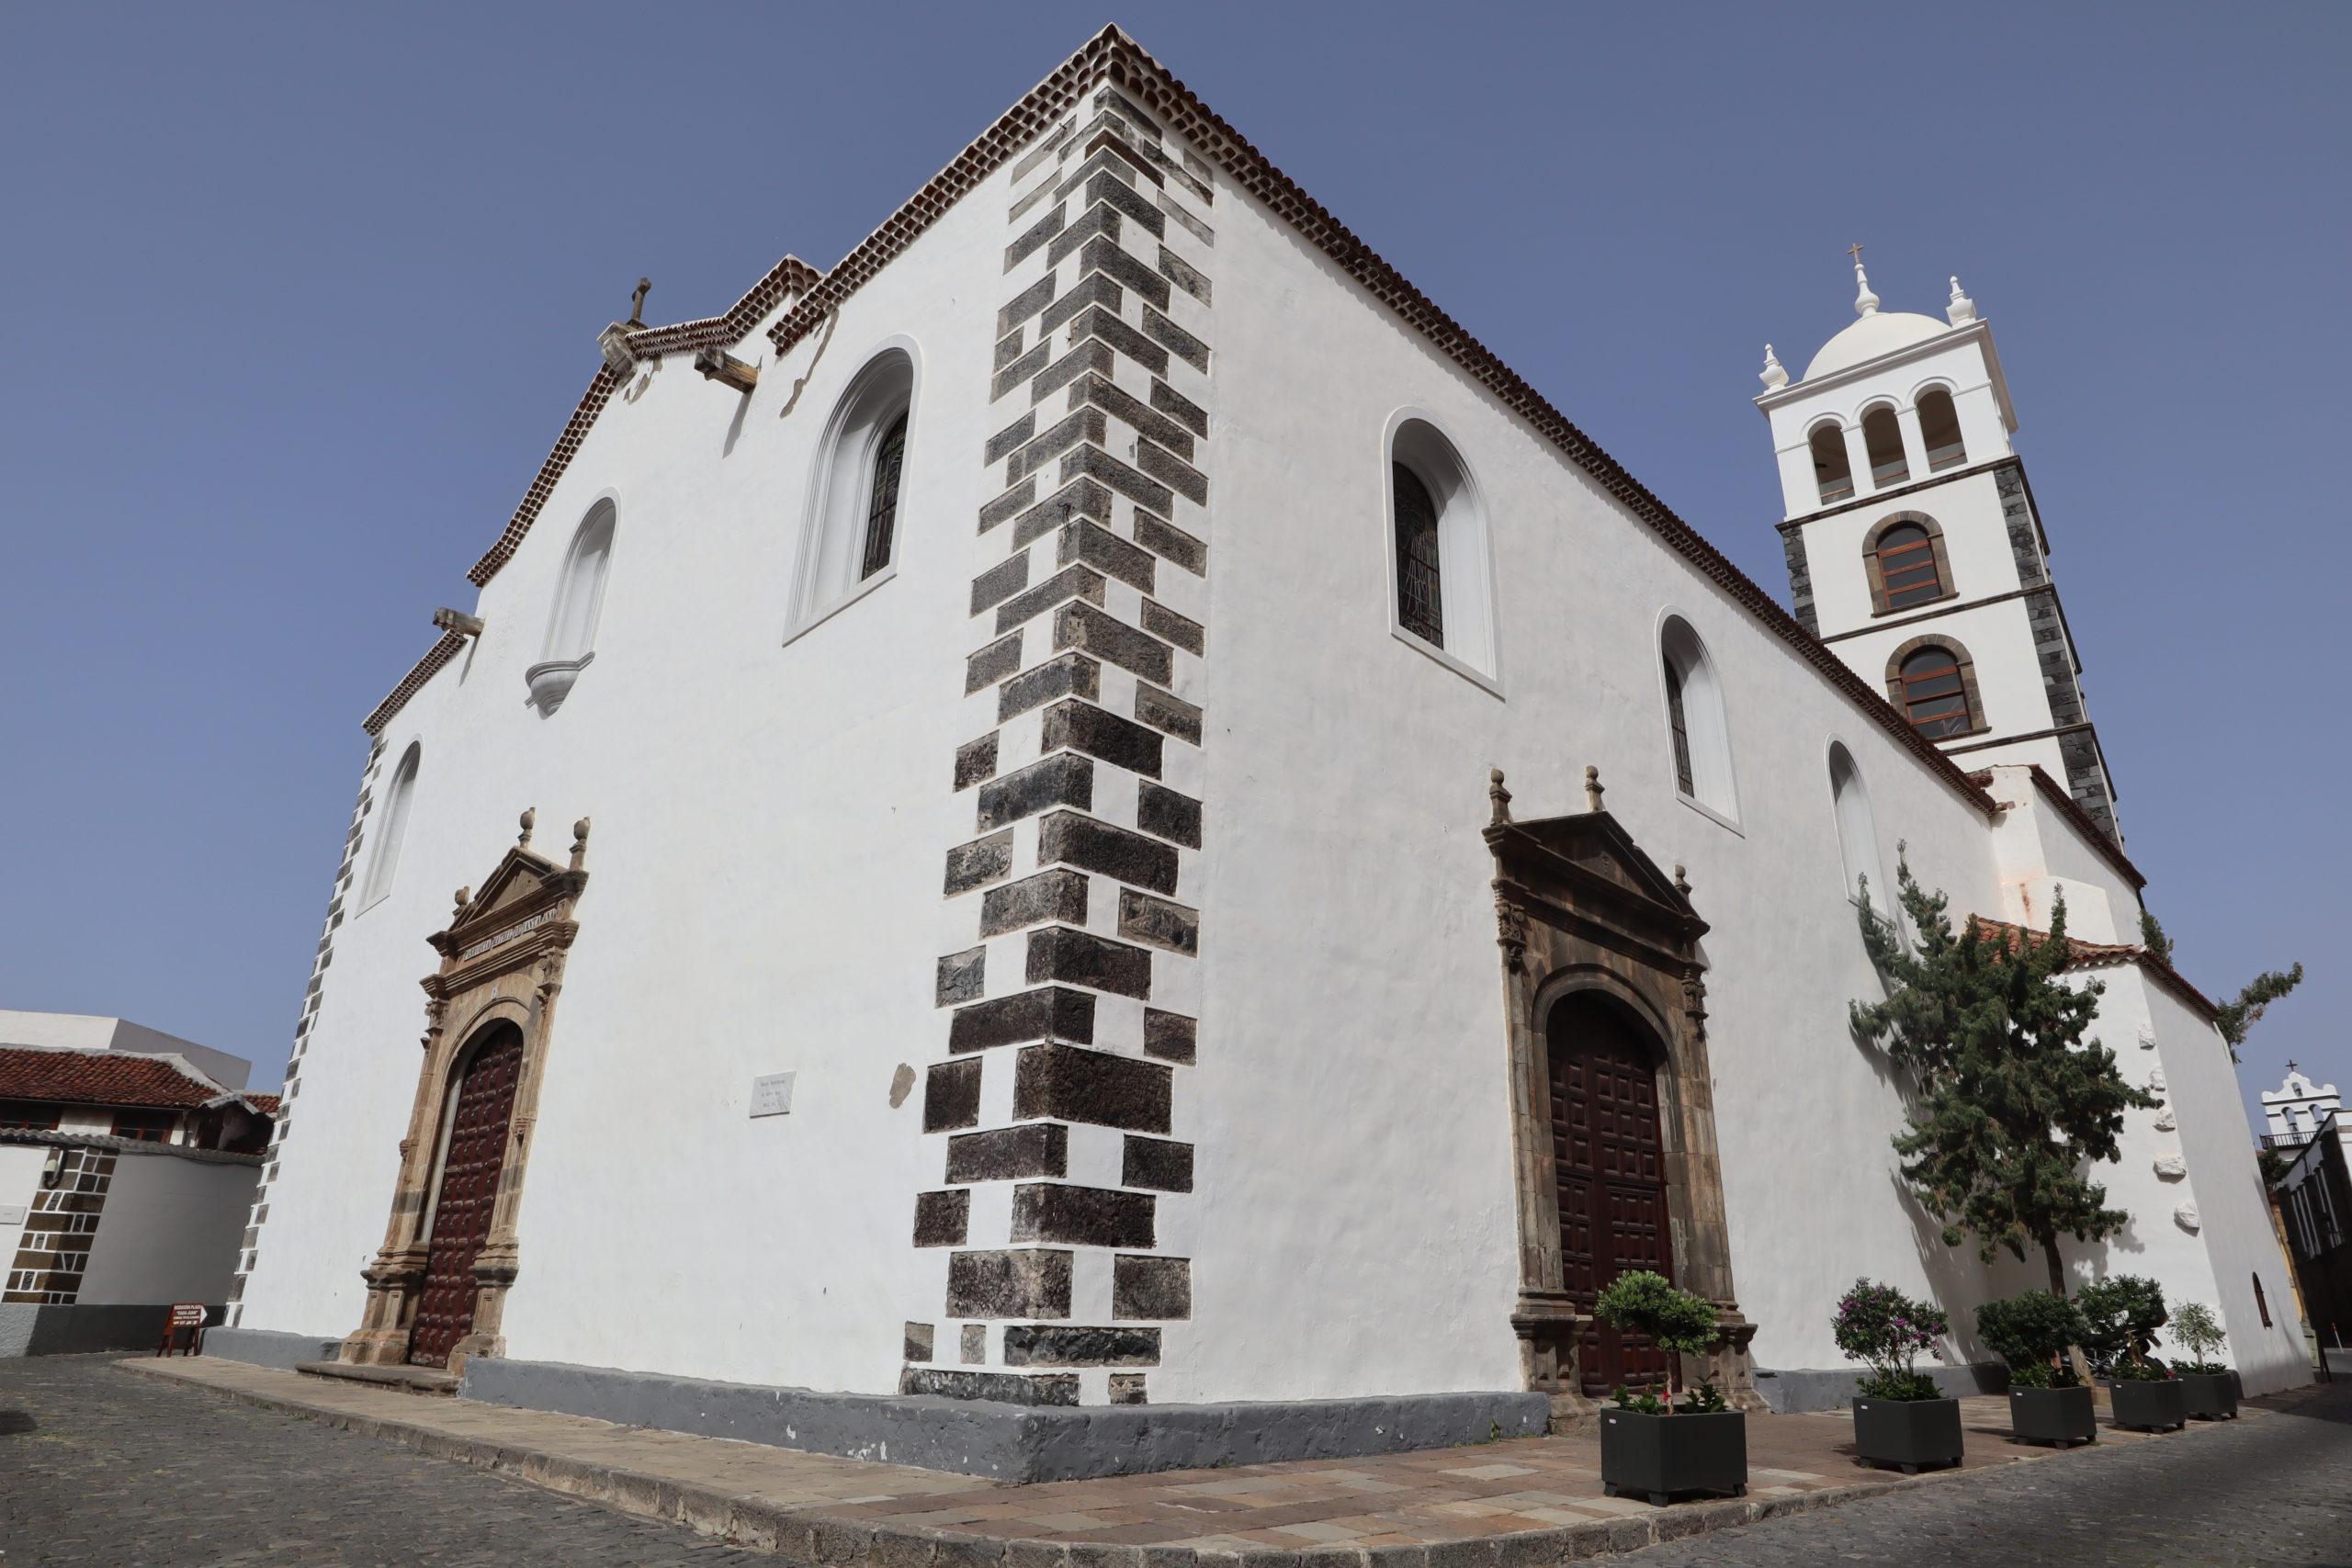 iglesia-santa-ana-garachico